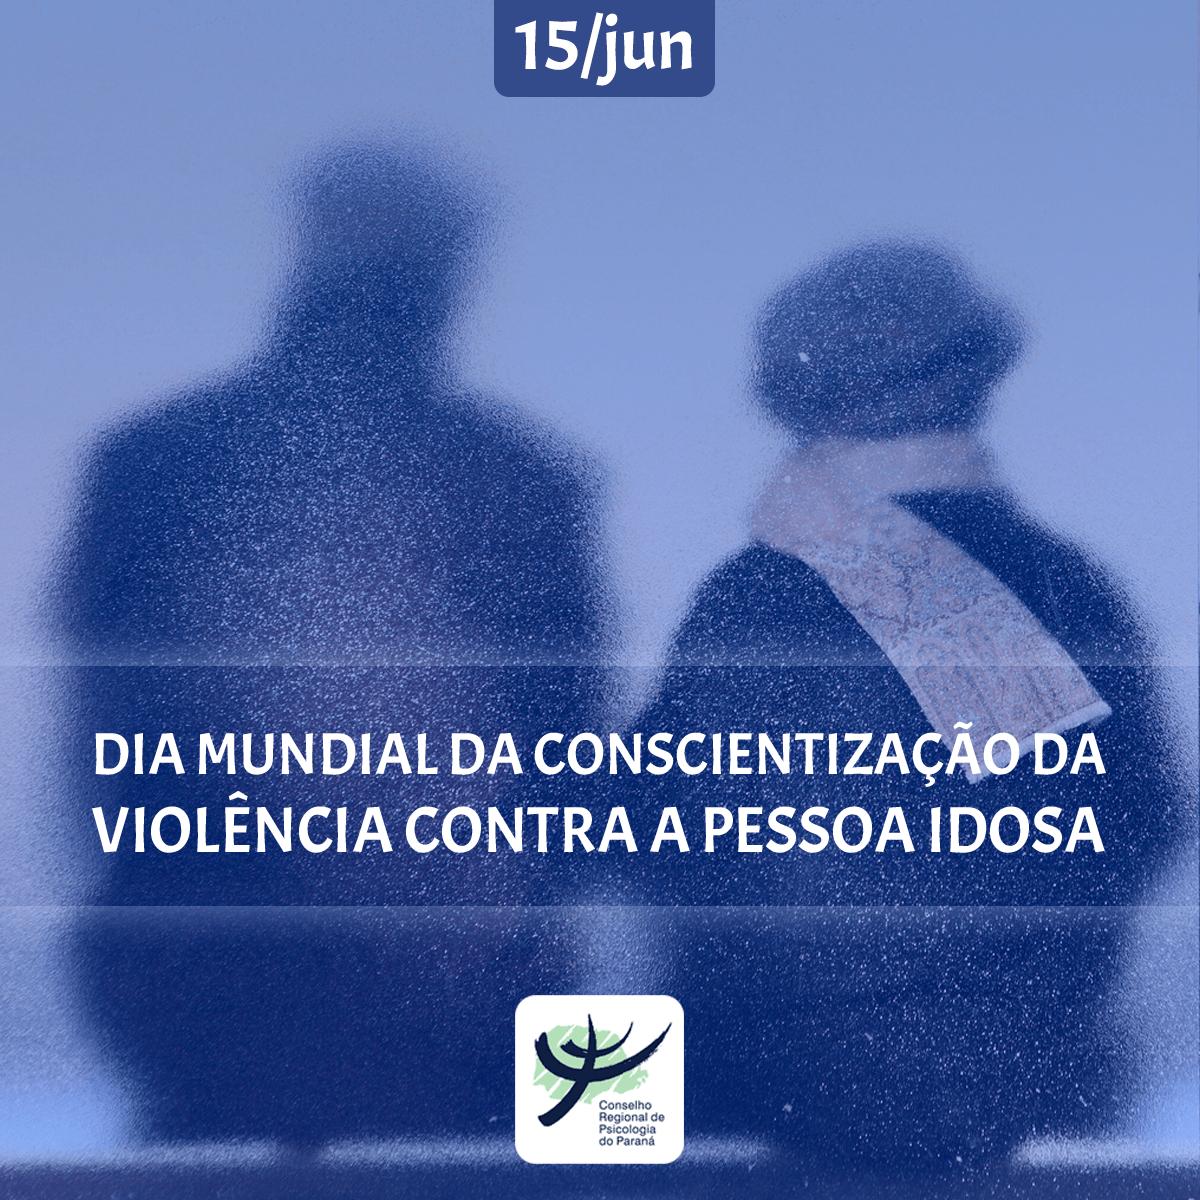 Violência psicológica representa mais da metade das denúncias do Disque 100 de agressões contra a pessoa idosa